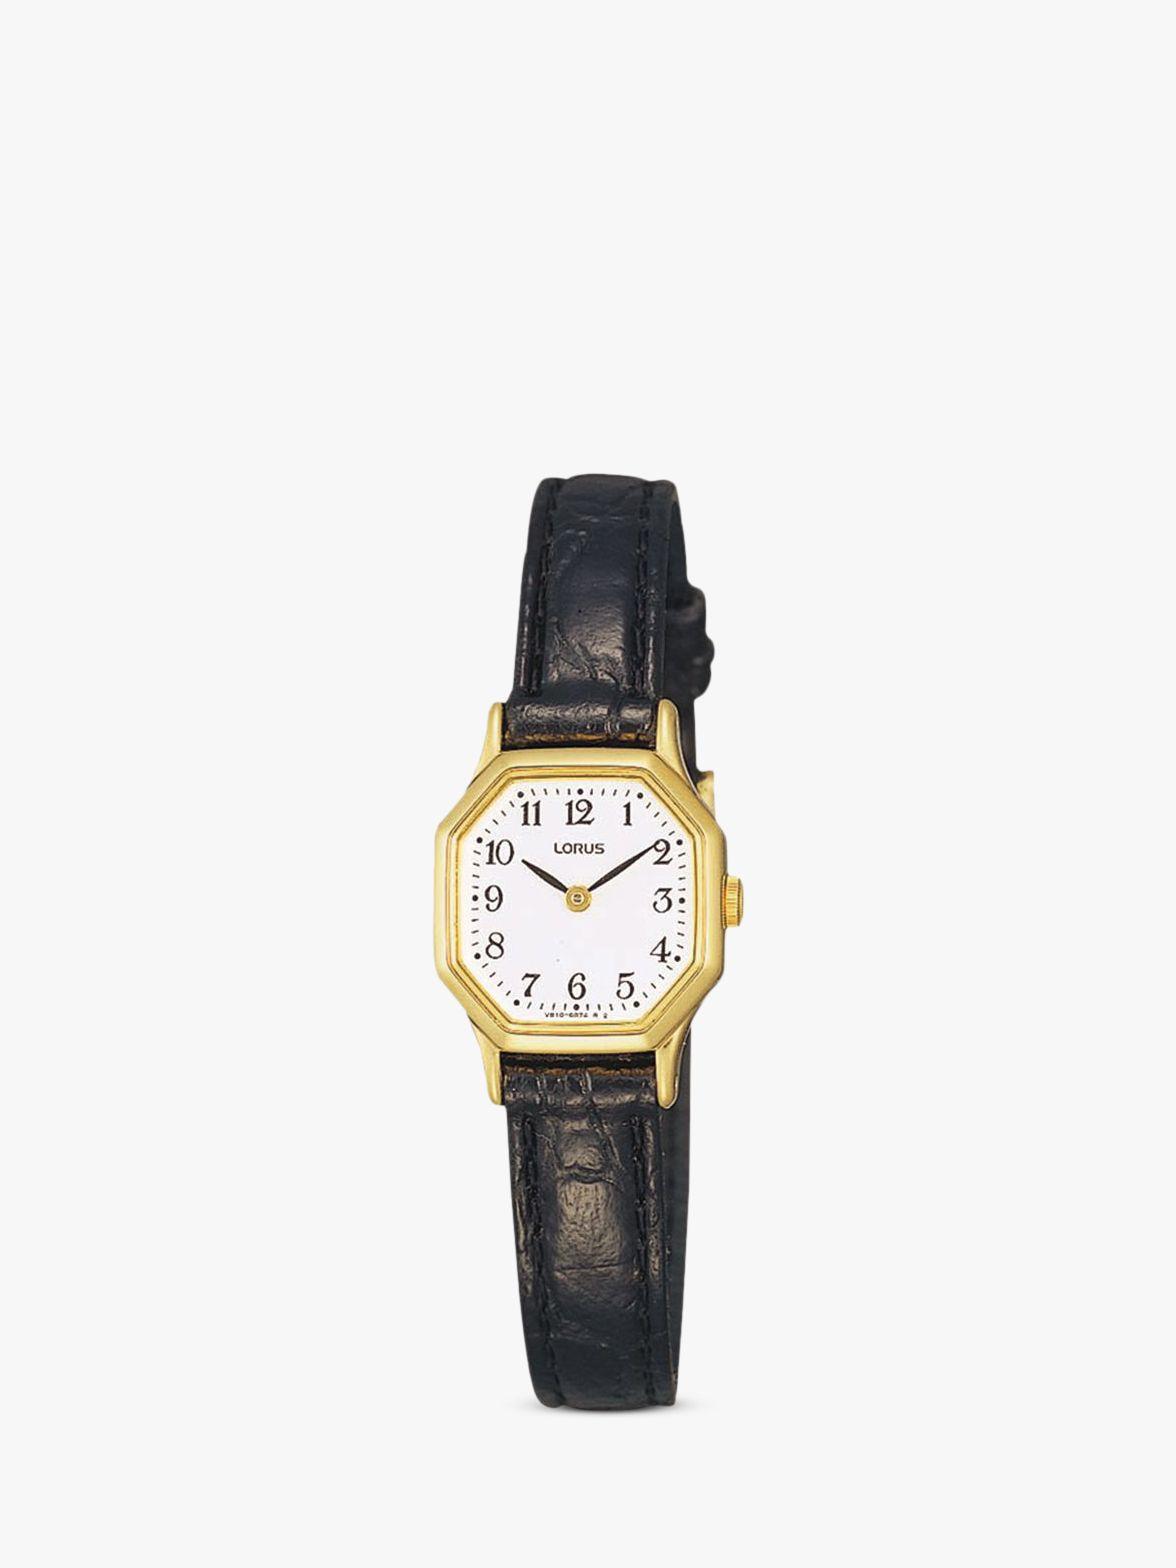 Lorus Lorus RPG40BX8 Women's Hexagonal Dial Leather Strap Watch, Black/White